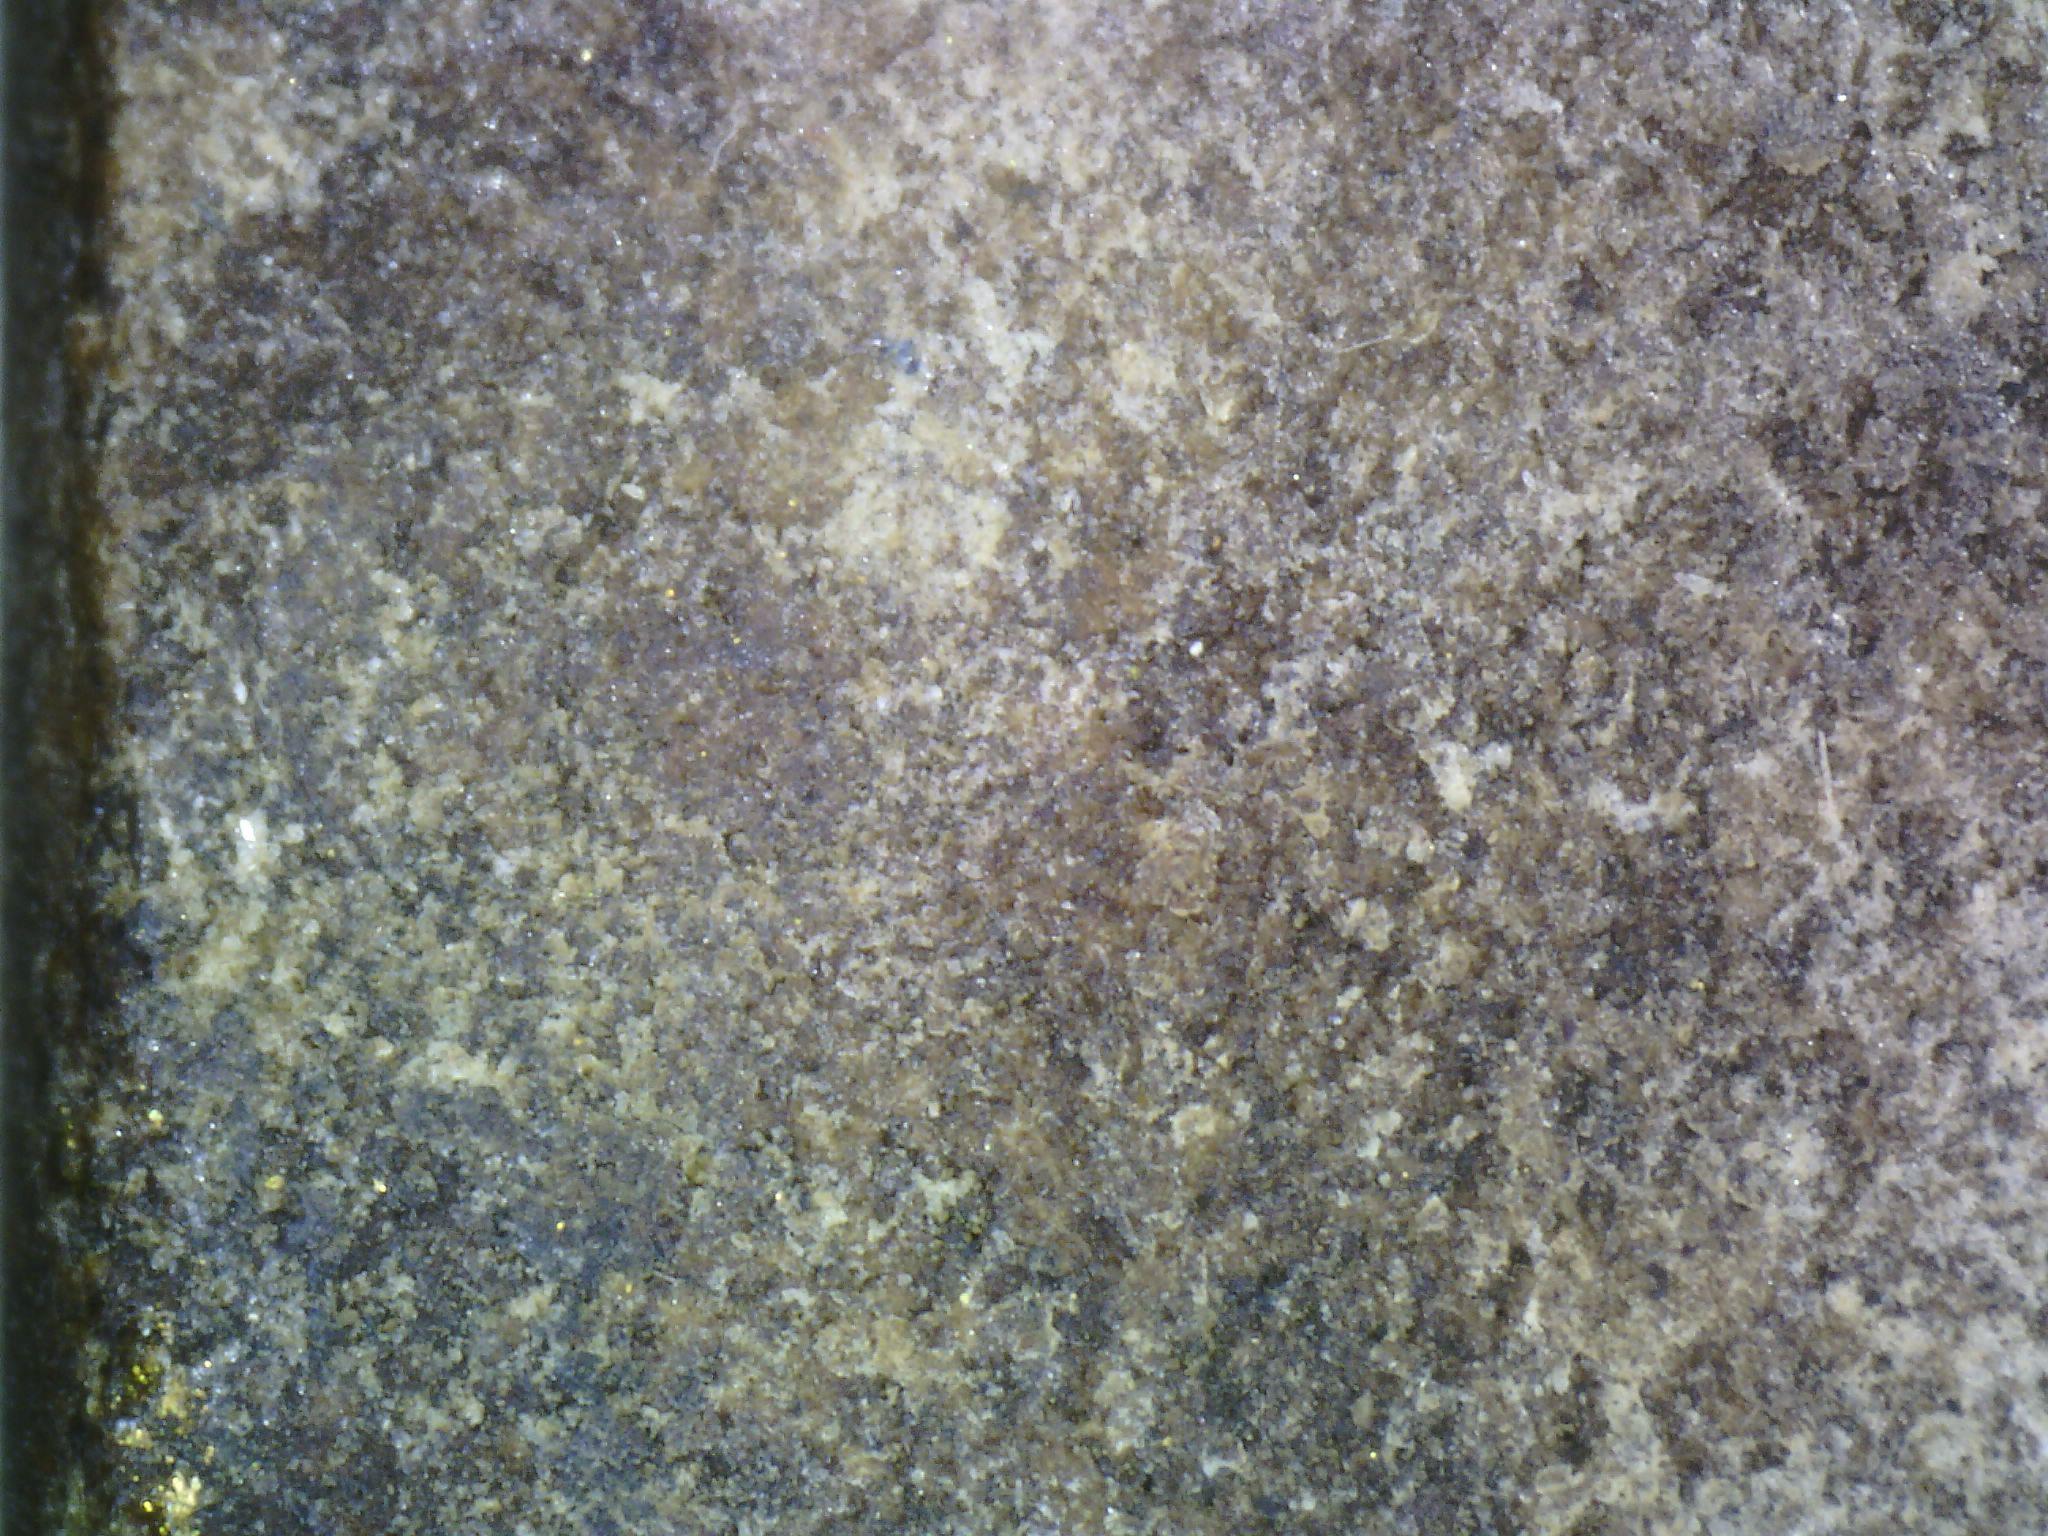 泰國座山佛第一人龍婆boon自身粉牌此牌感覺觸感上是有兩種材質所以很輕 底部個人認為是椰殼特殊精典泰國老佛牌約2472